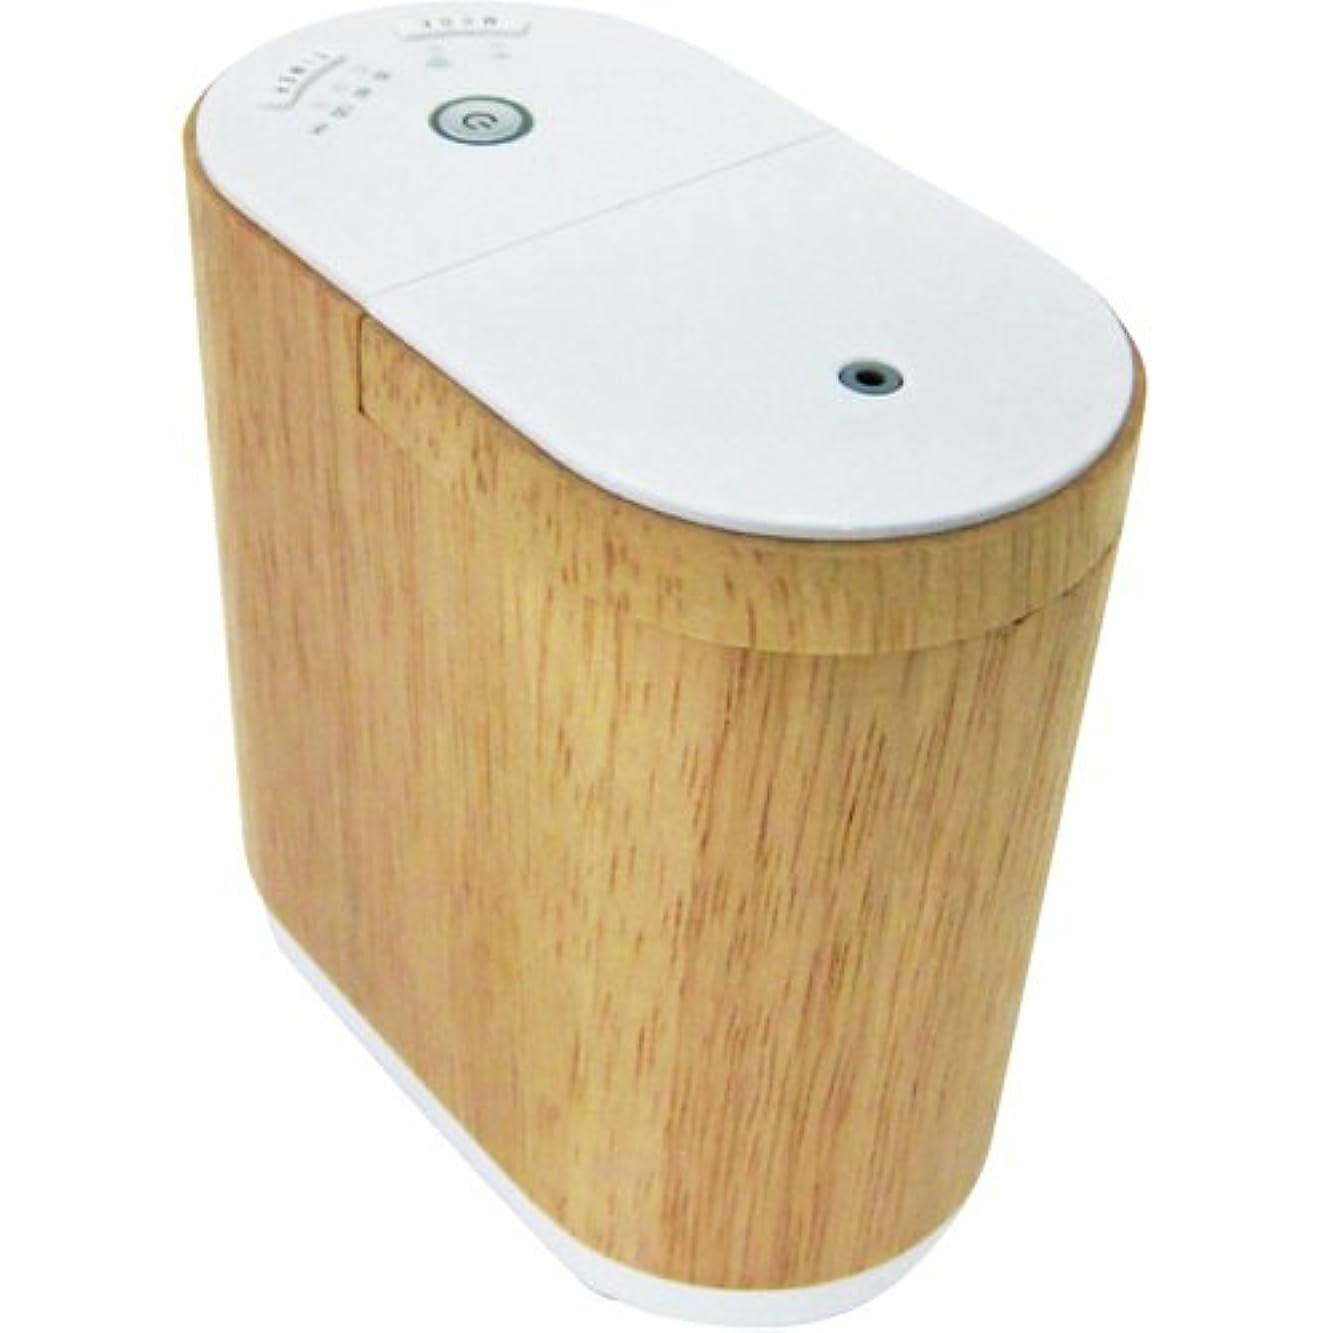 熟練したミリメートル耳生活の木 アロマディフューザー(ウッド)エッセンシャルオイルディフューザー aromore(アロモア) 08-801-6010